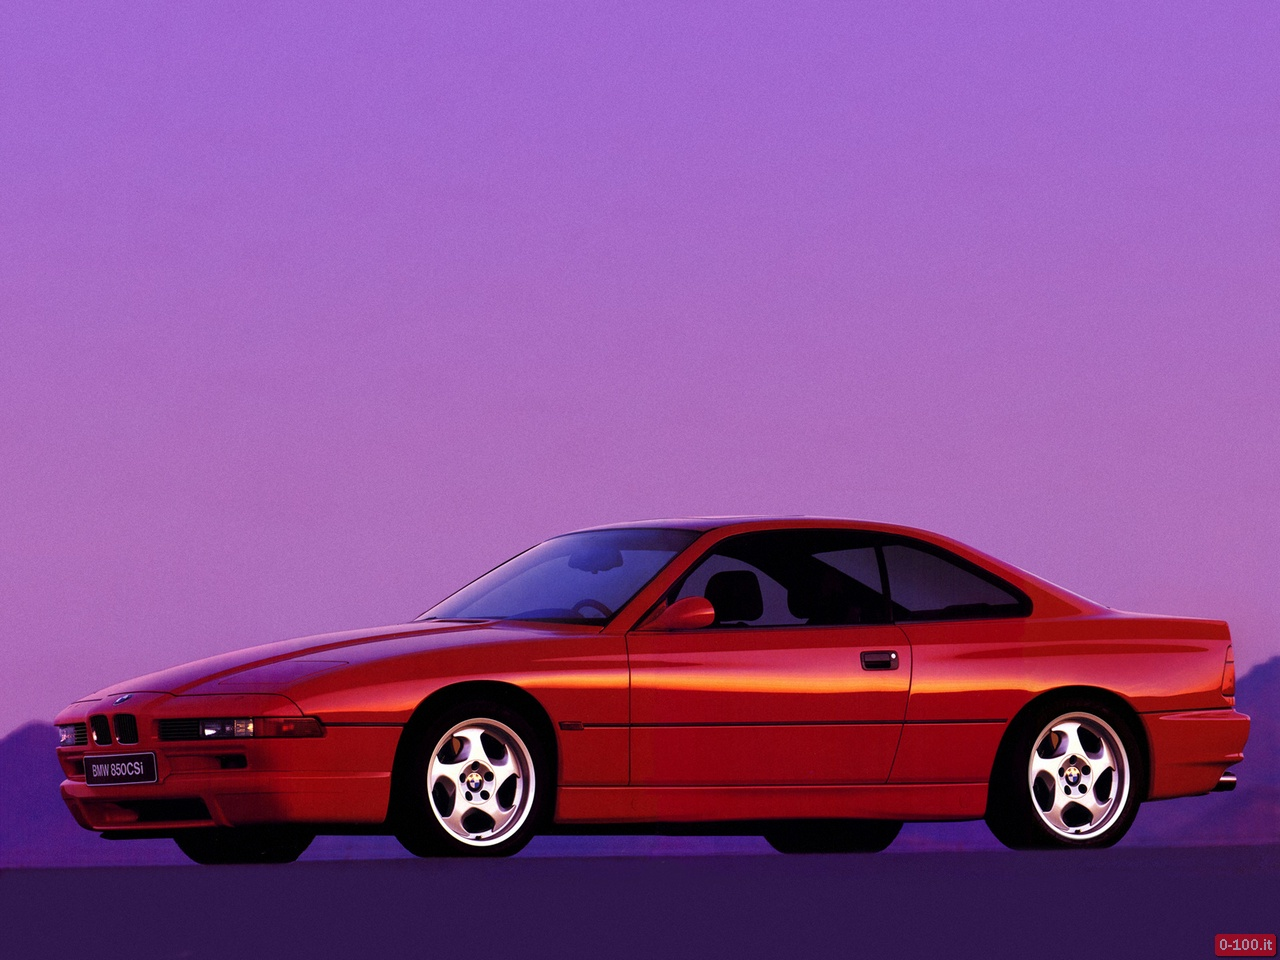 bmw-850-csi-e31-1992-0-100_2